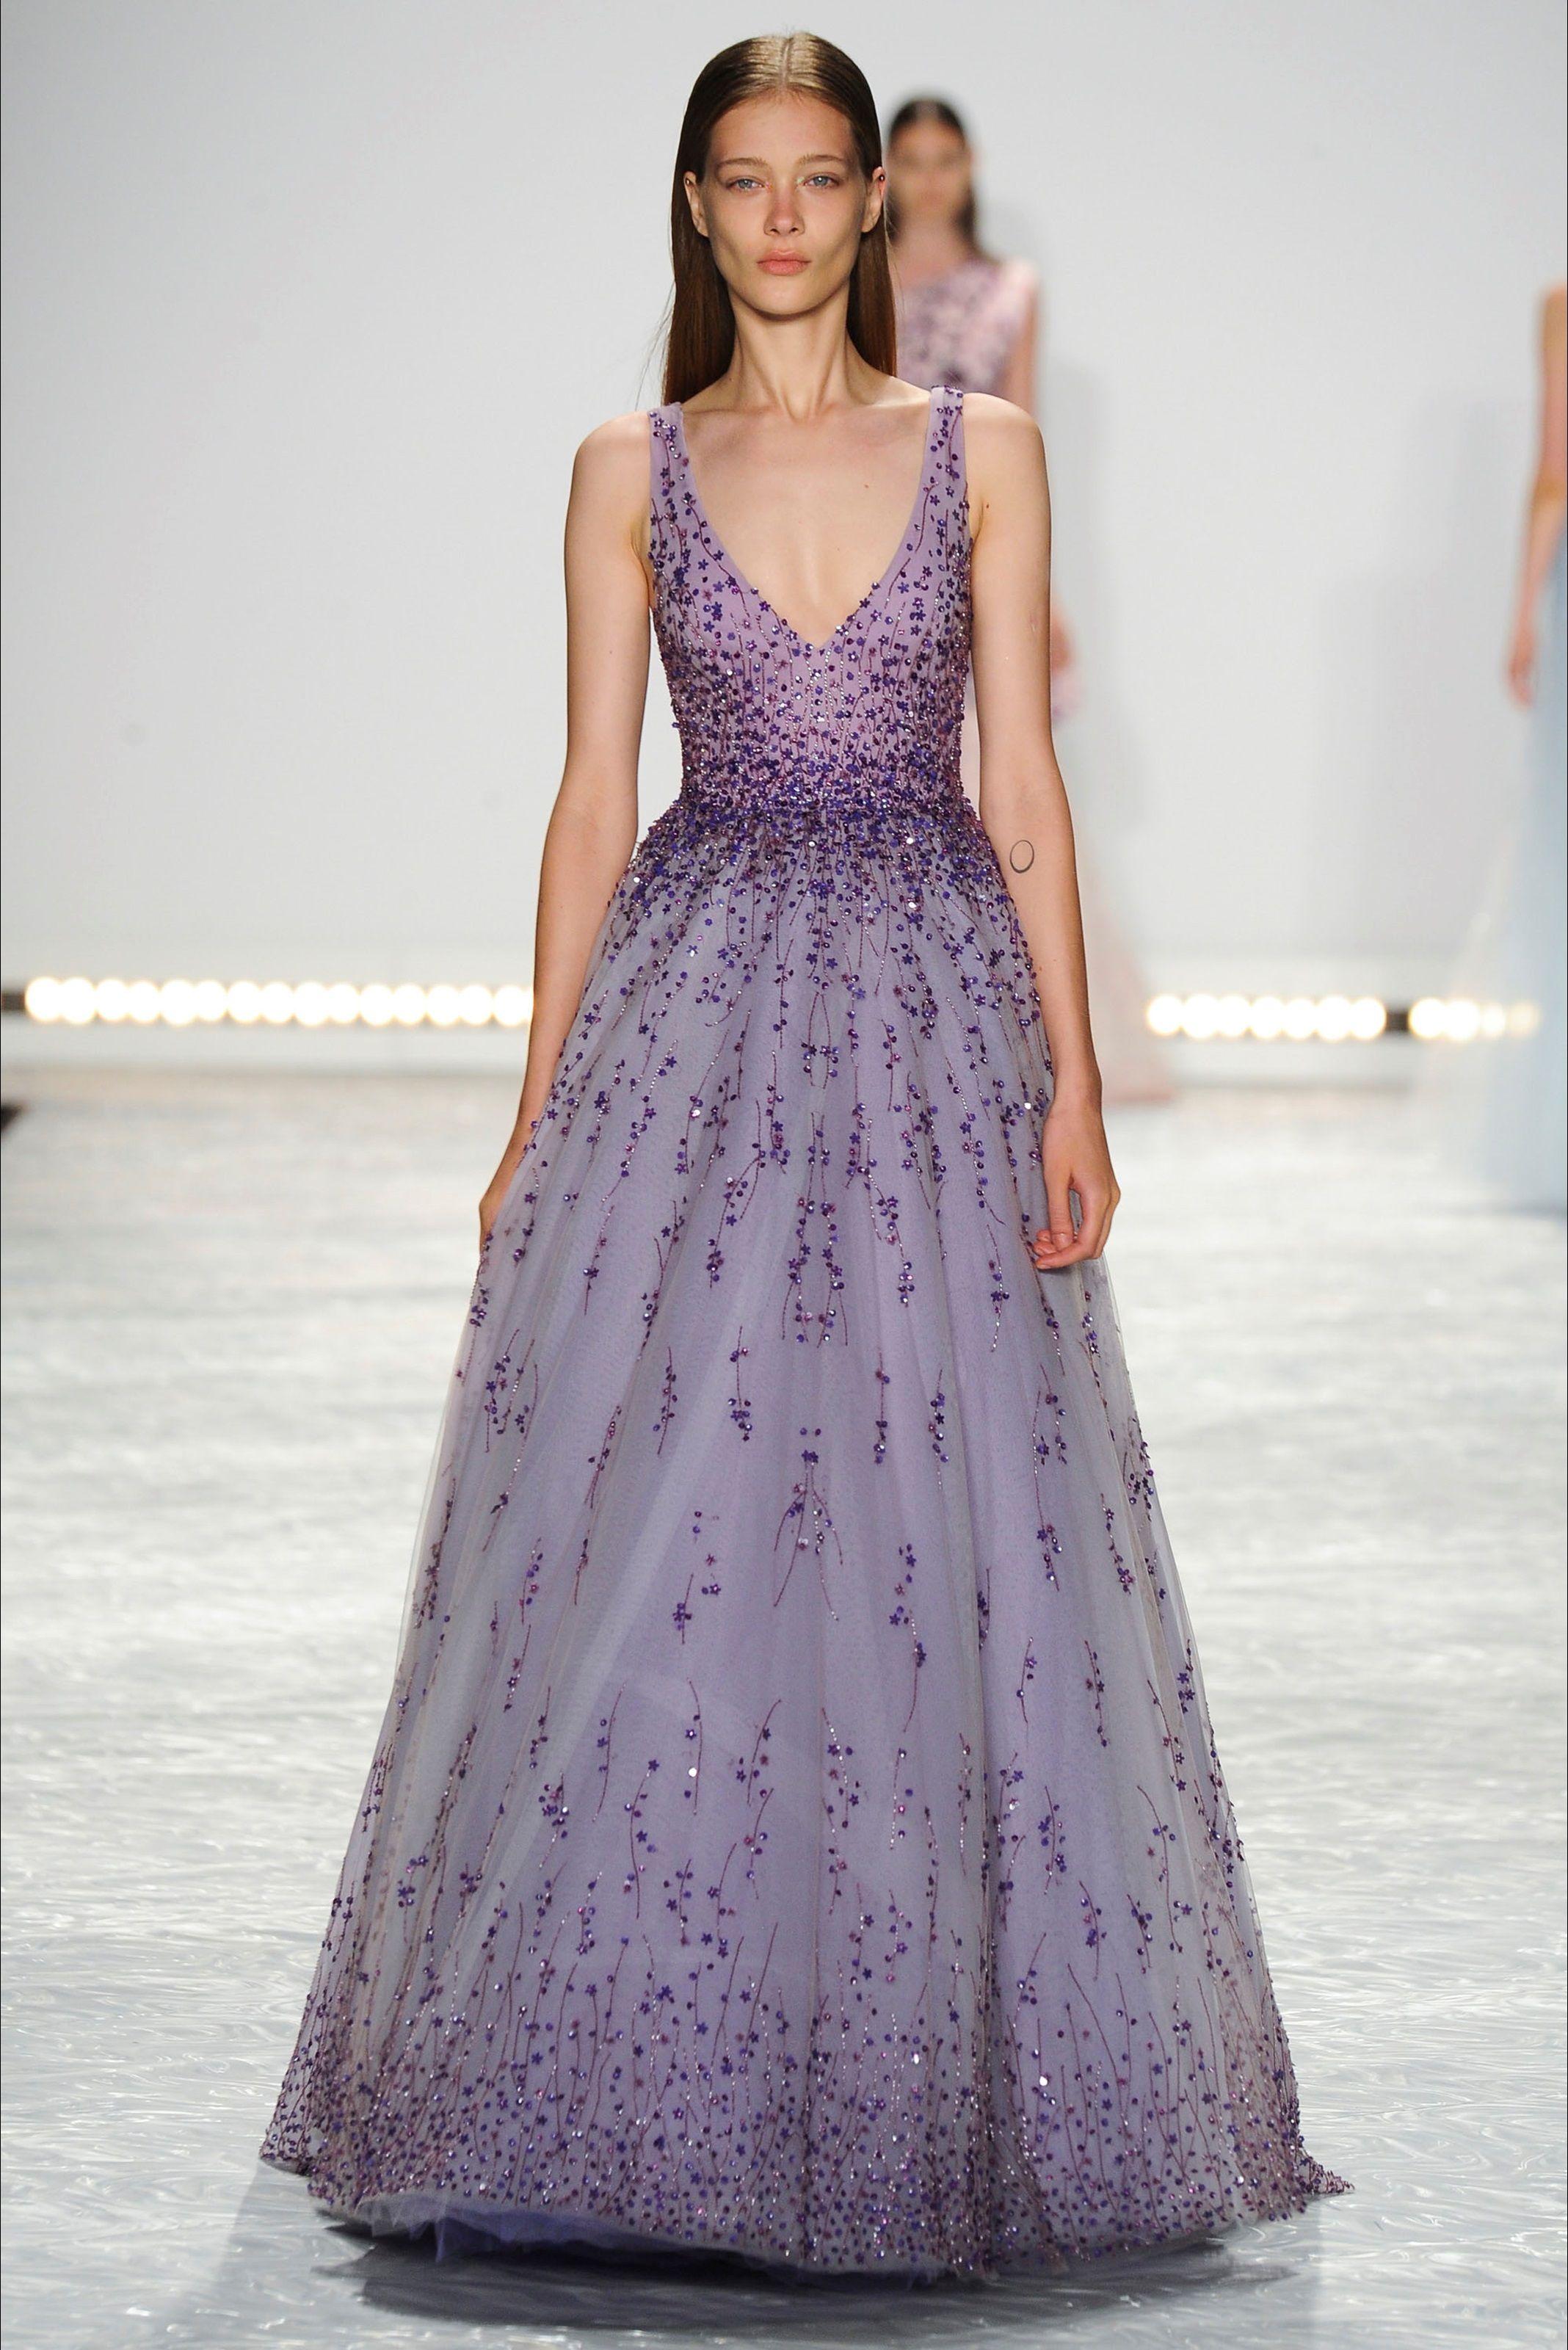 Sfilata Monique Lhuillier New York - Collezioni Primavera Estate 2015 - Vogue